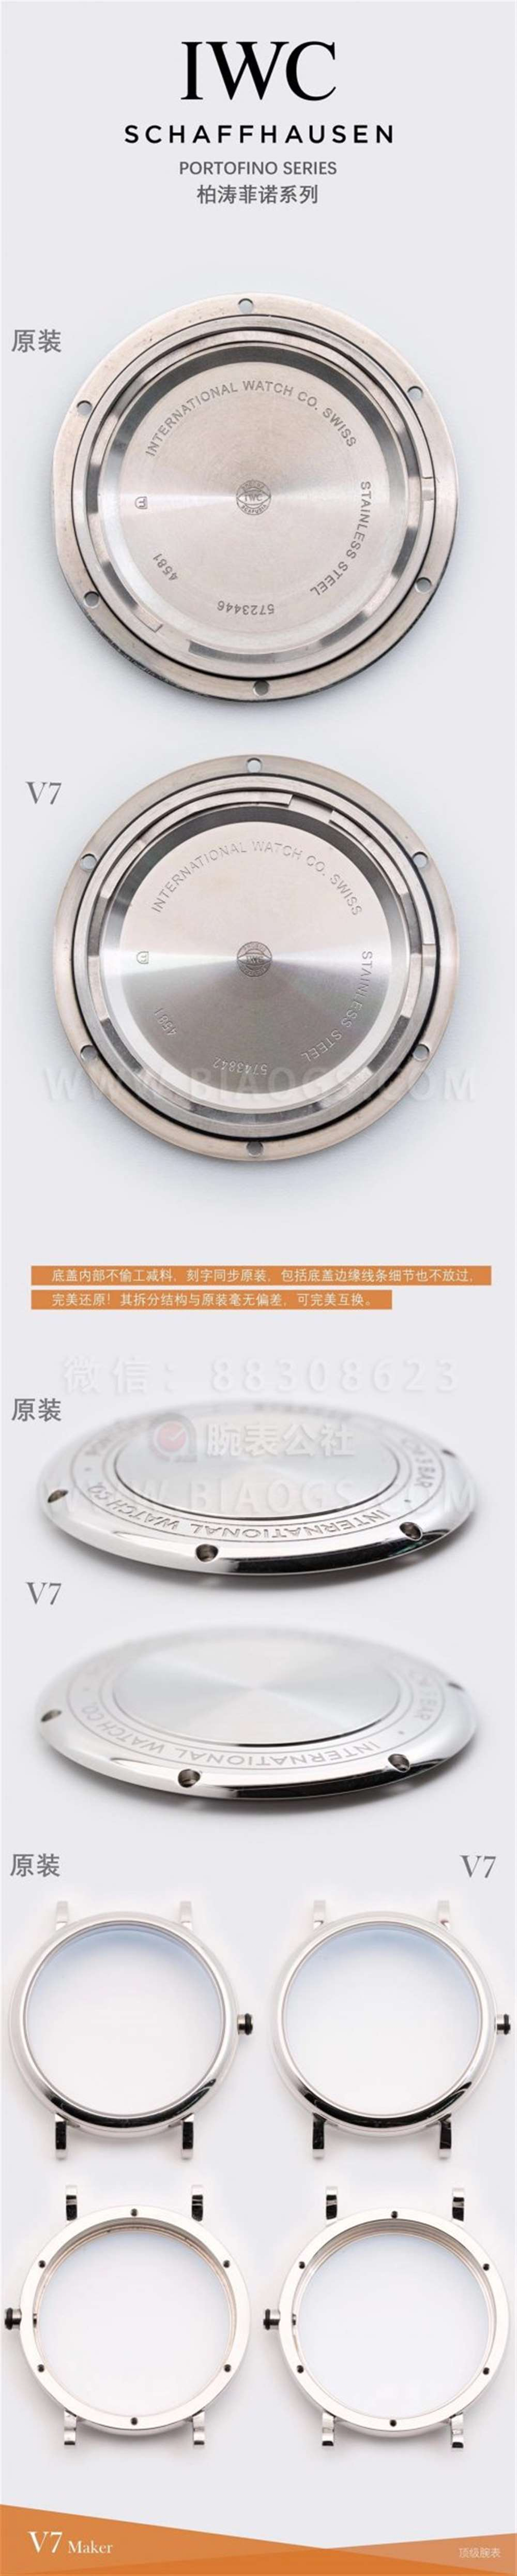 V7厂万国柏涛菲诺37mm女士腕表对比正品评测